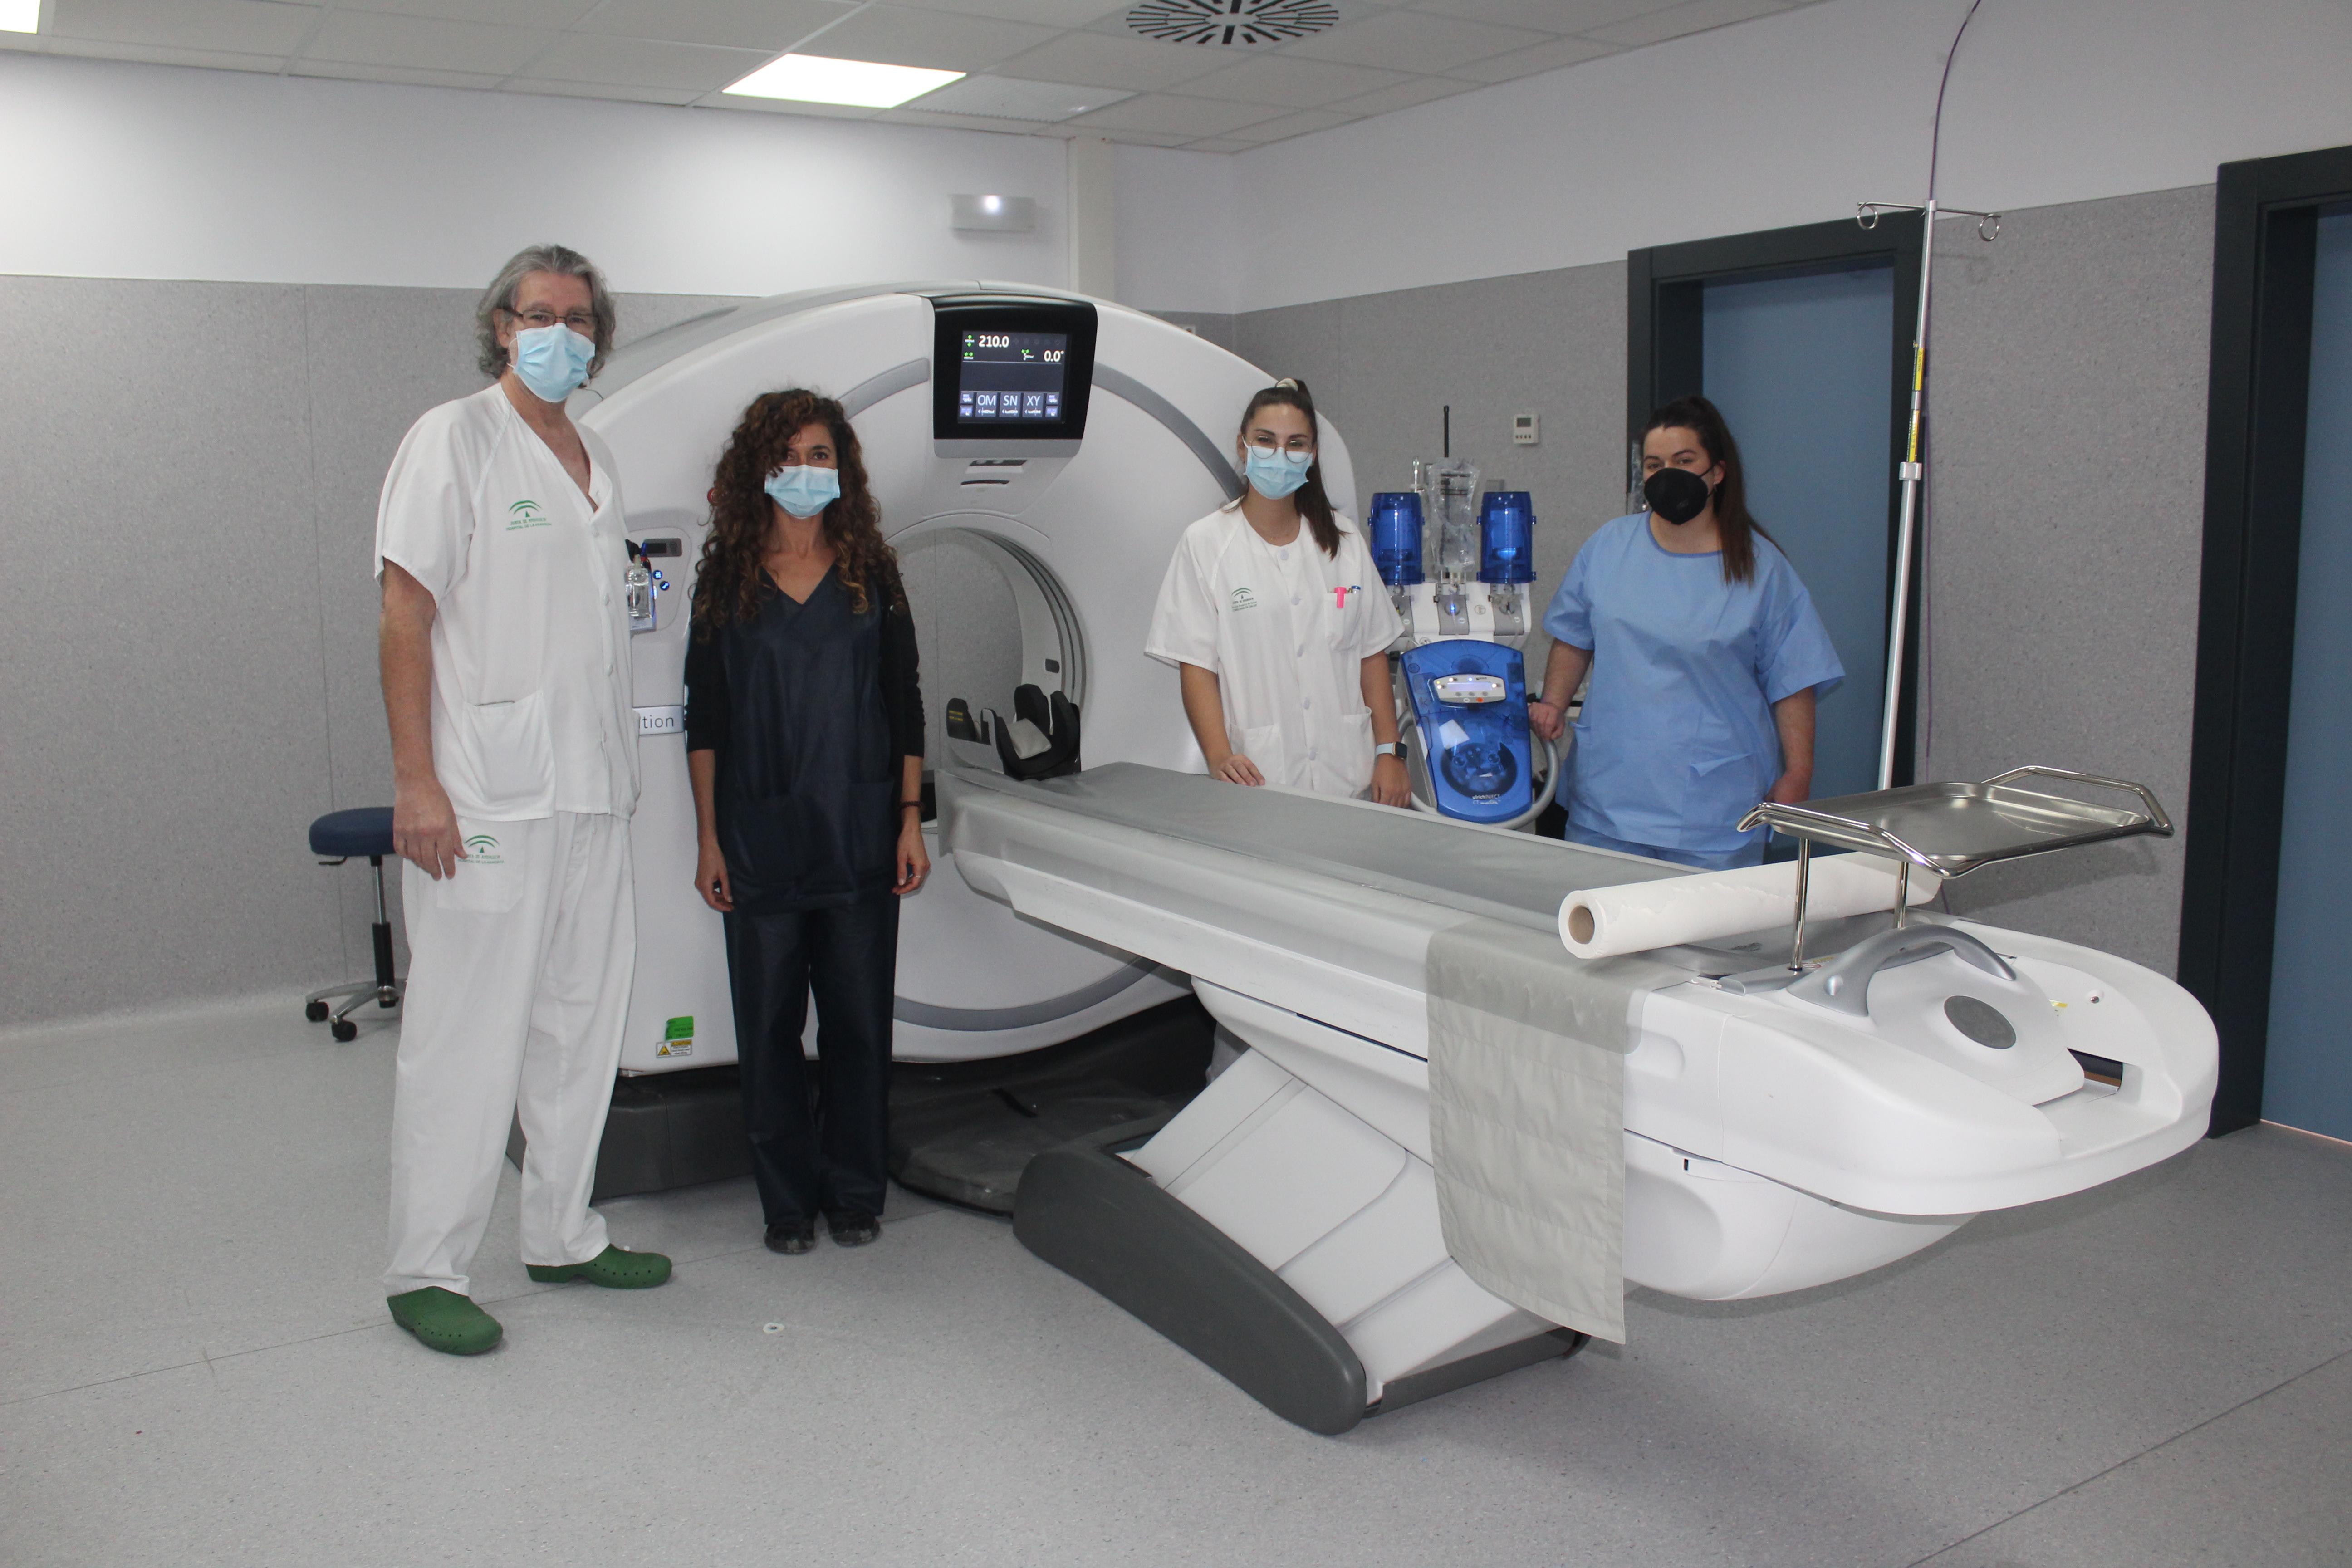 El Hospital de la Axarquía instala dos nuevos equipos TAC que permiten realizar diagnósticos más avanzados y seguros